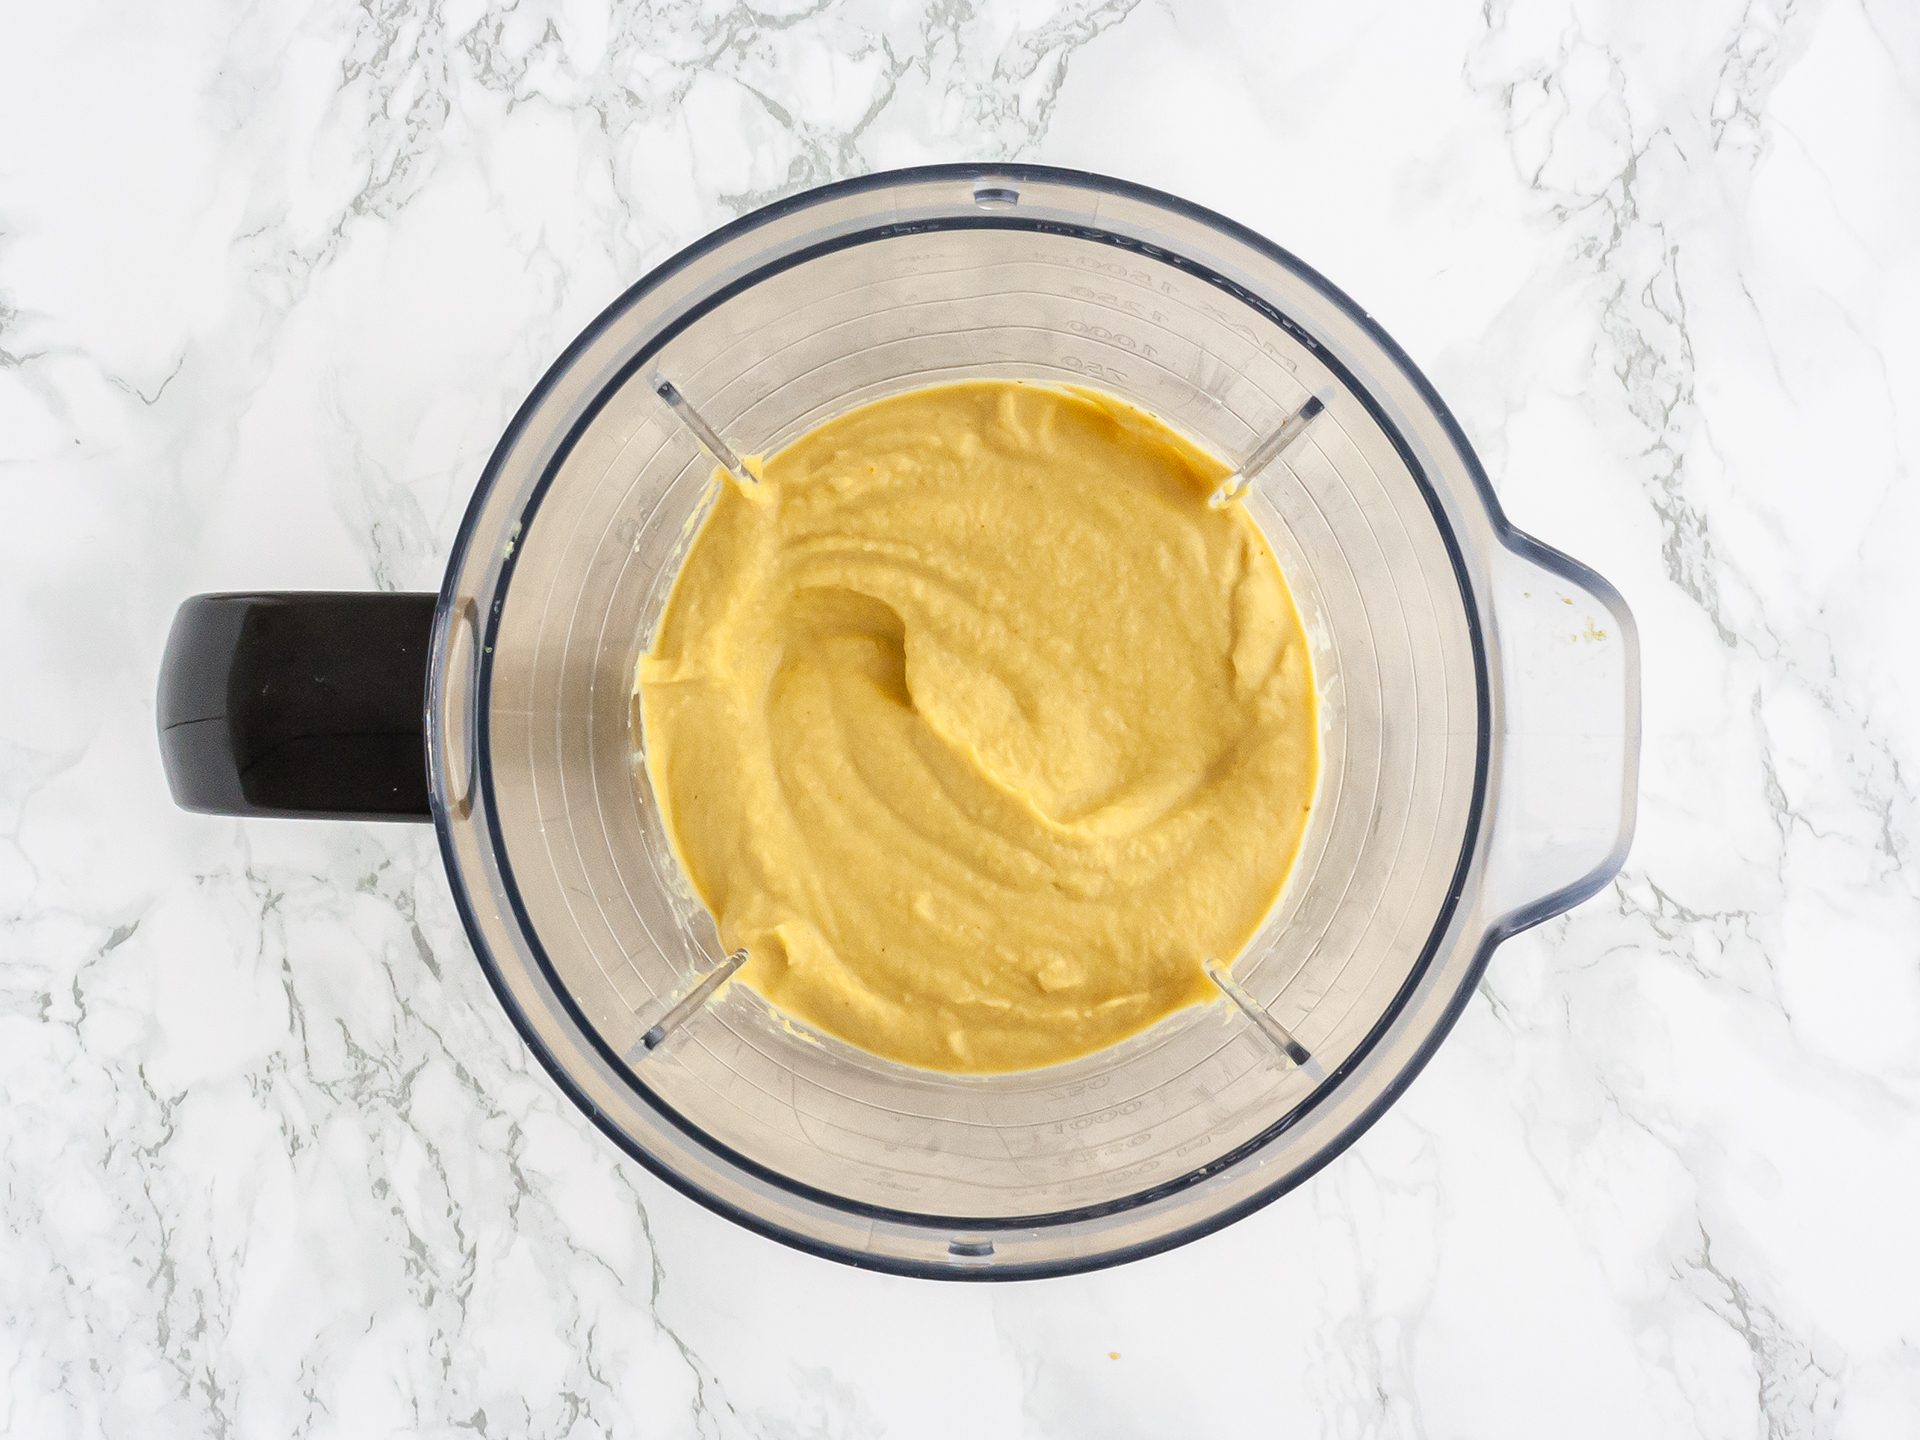 Step 3.1 of Vegan Cauliflower Cheese Sauce Recipe